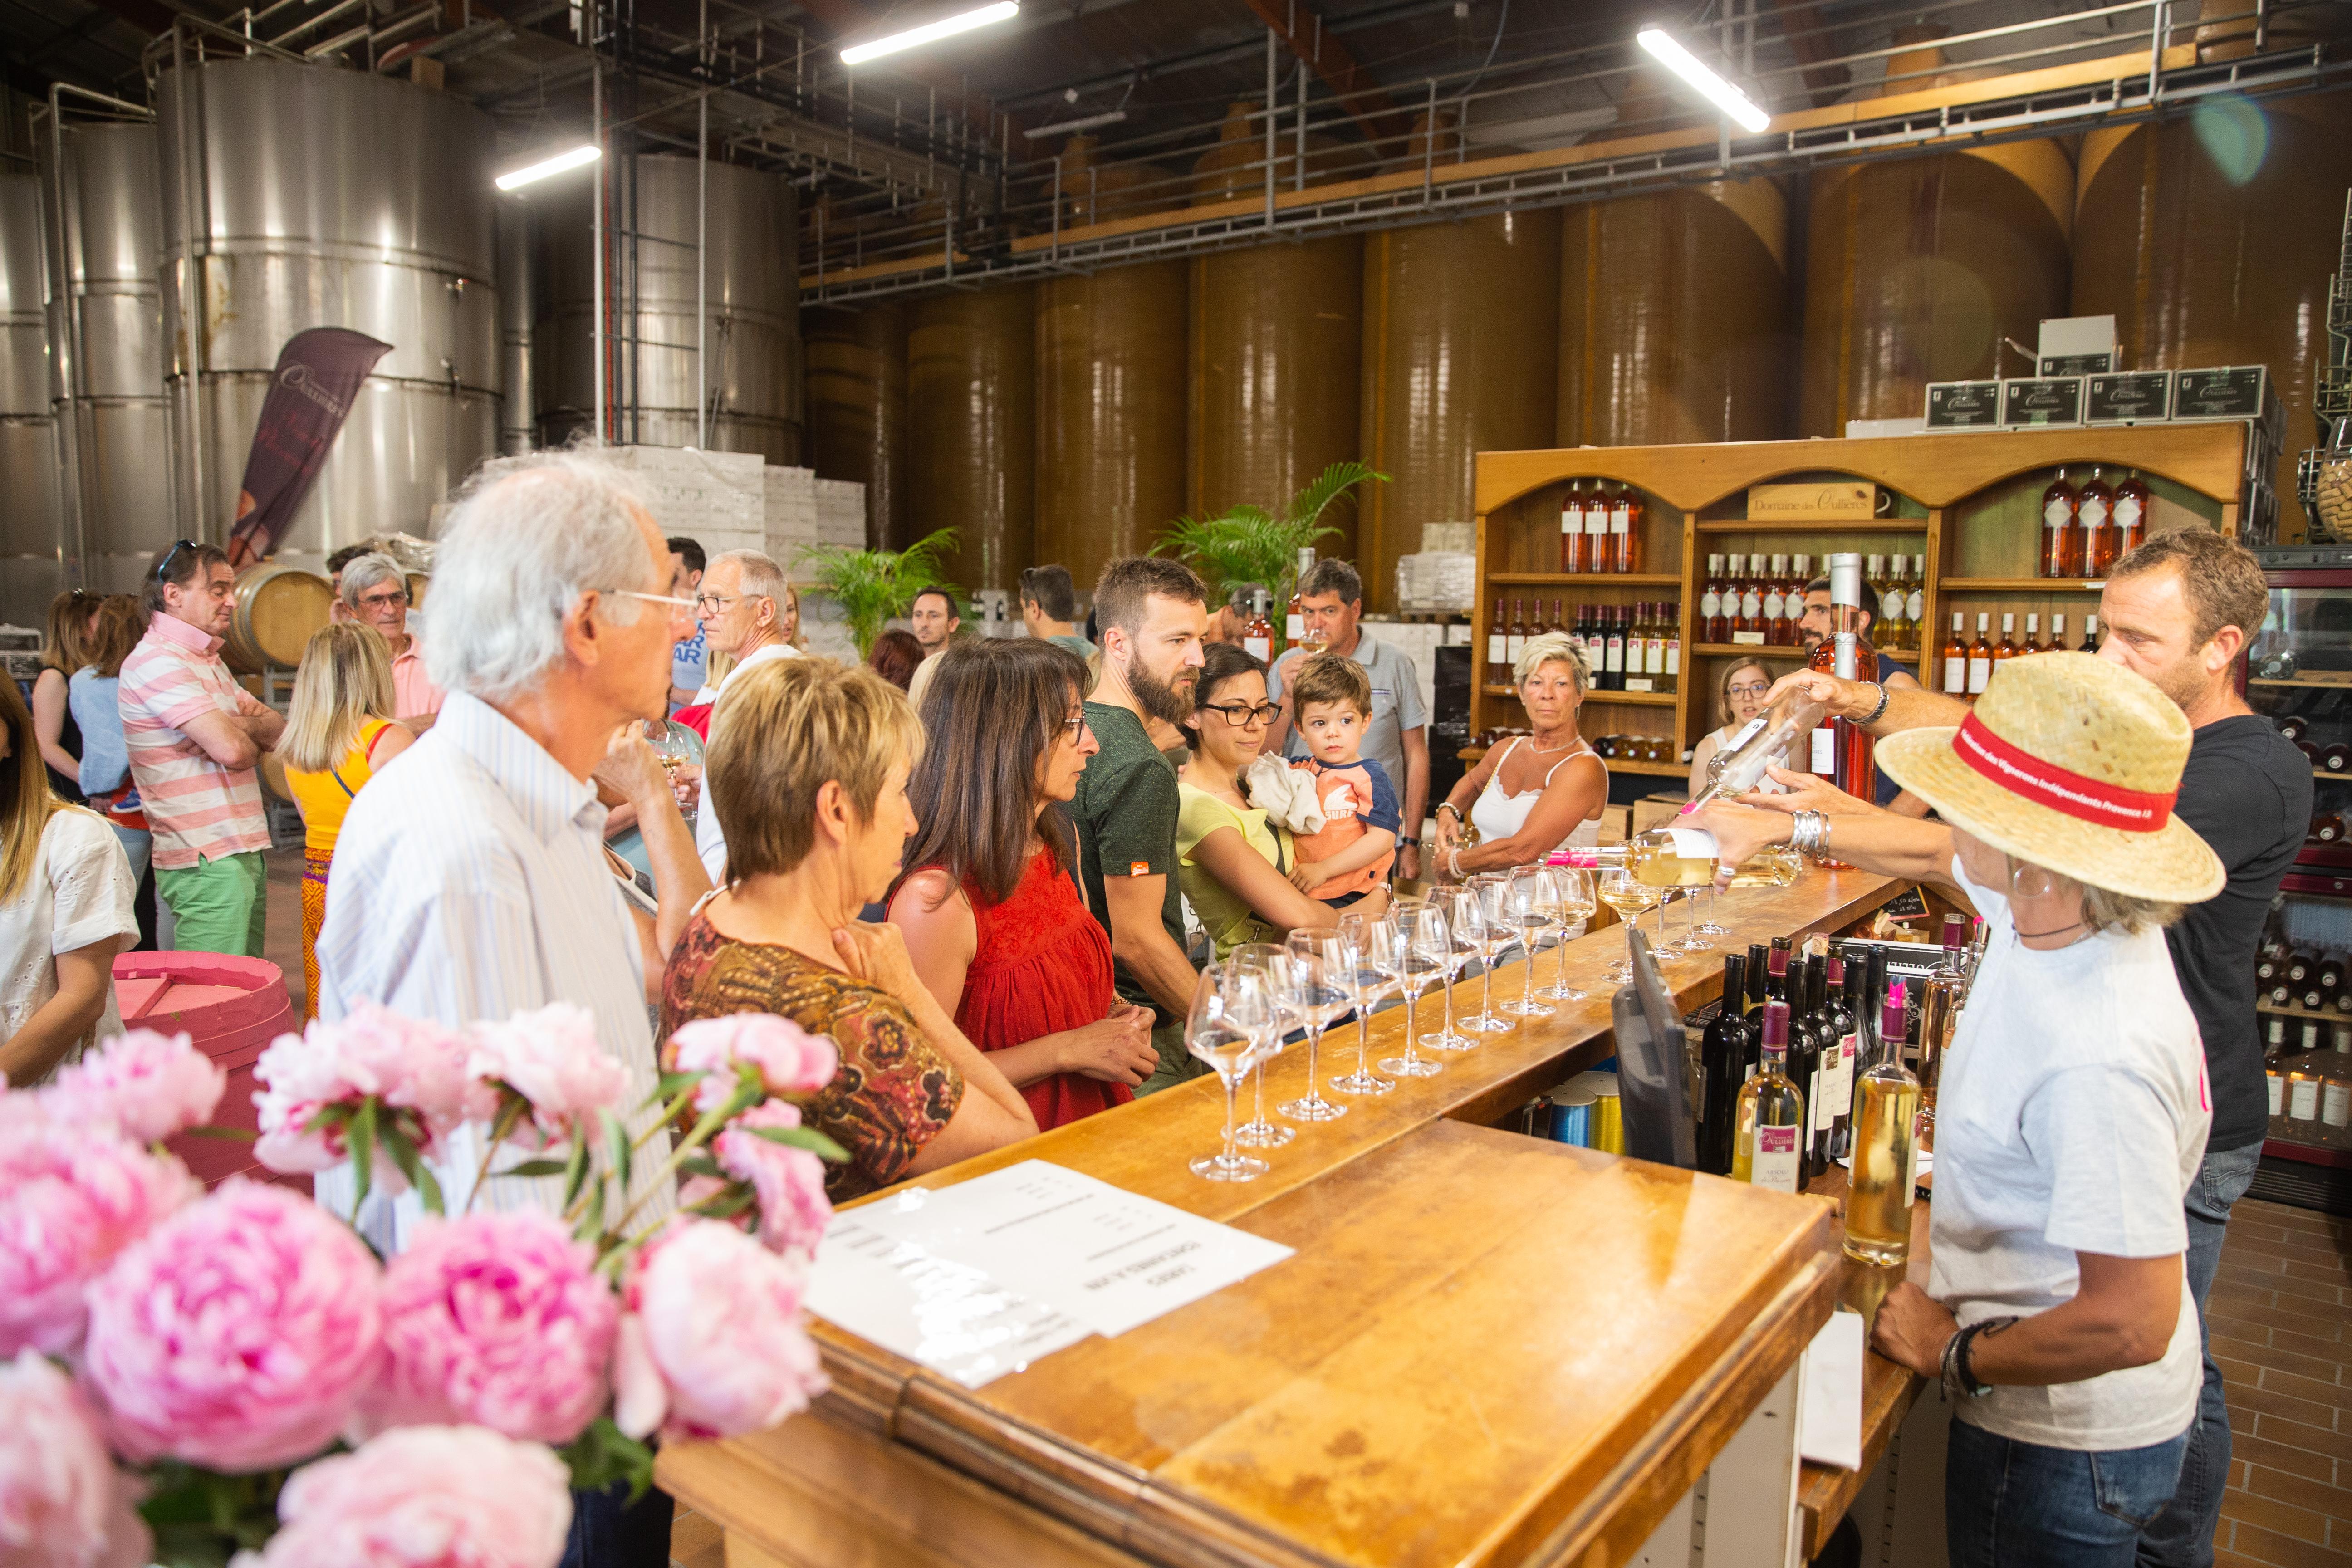 La Table De Chez Nous Lambesc vigneron à lambesc: retour sur notre pique nique |